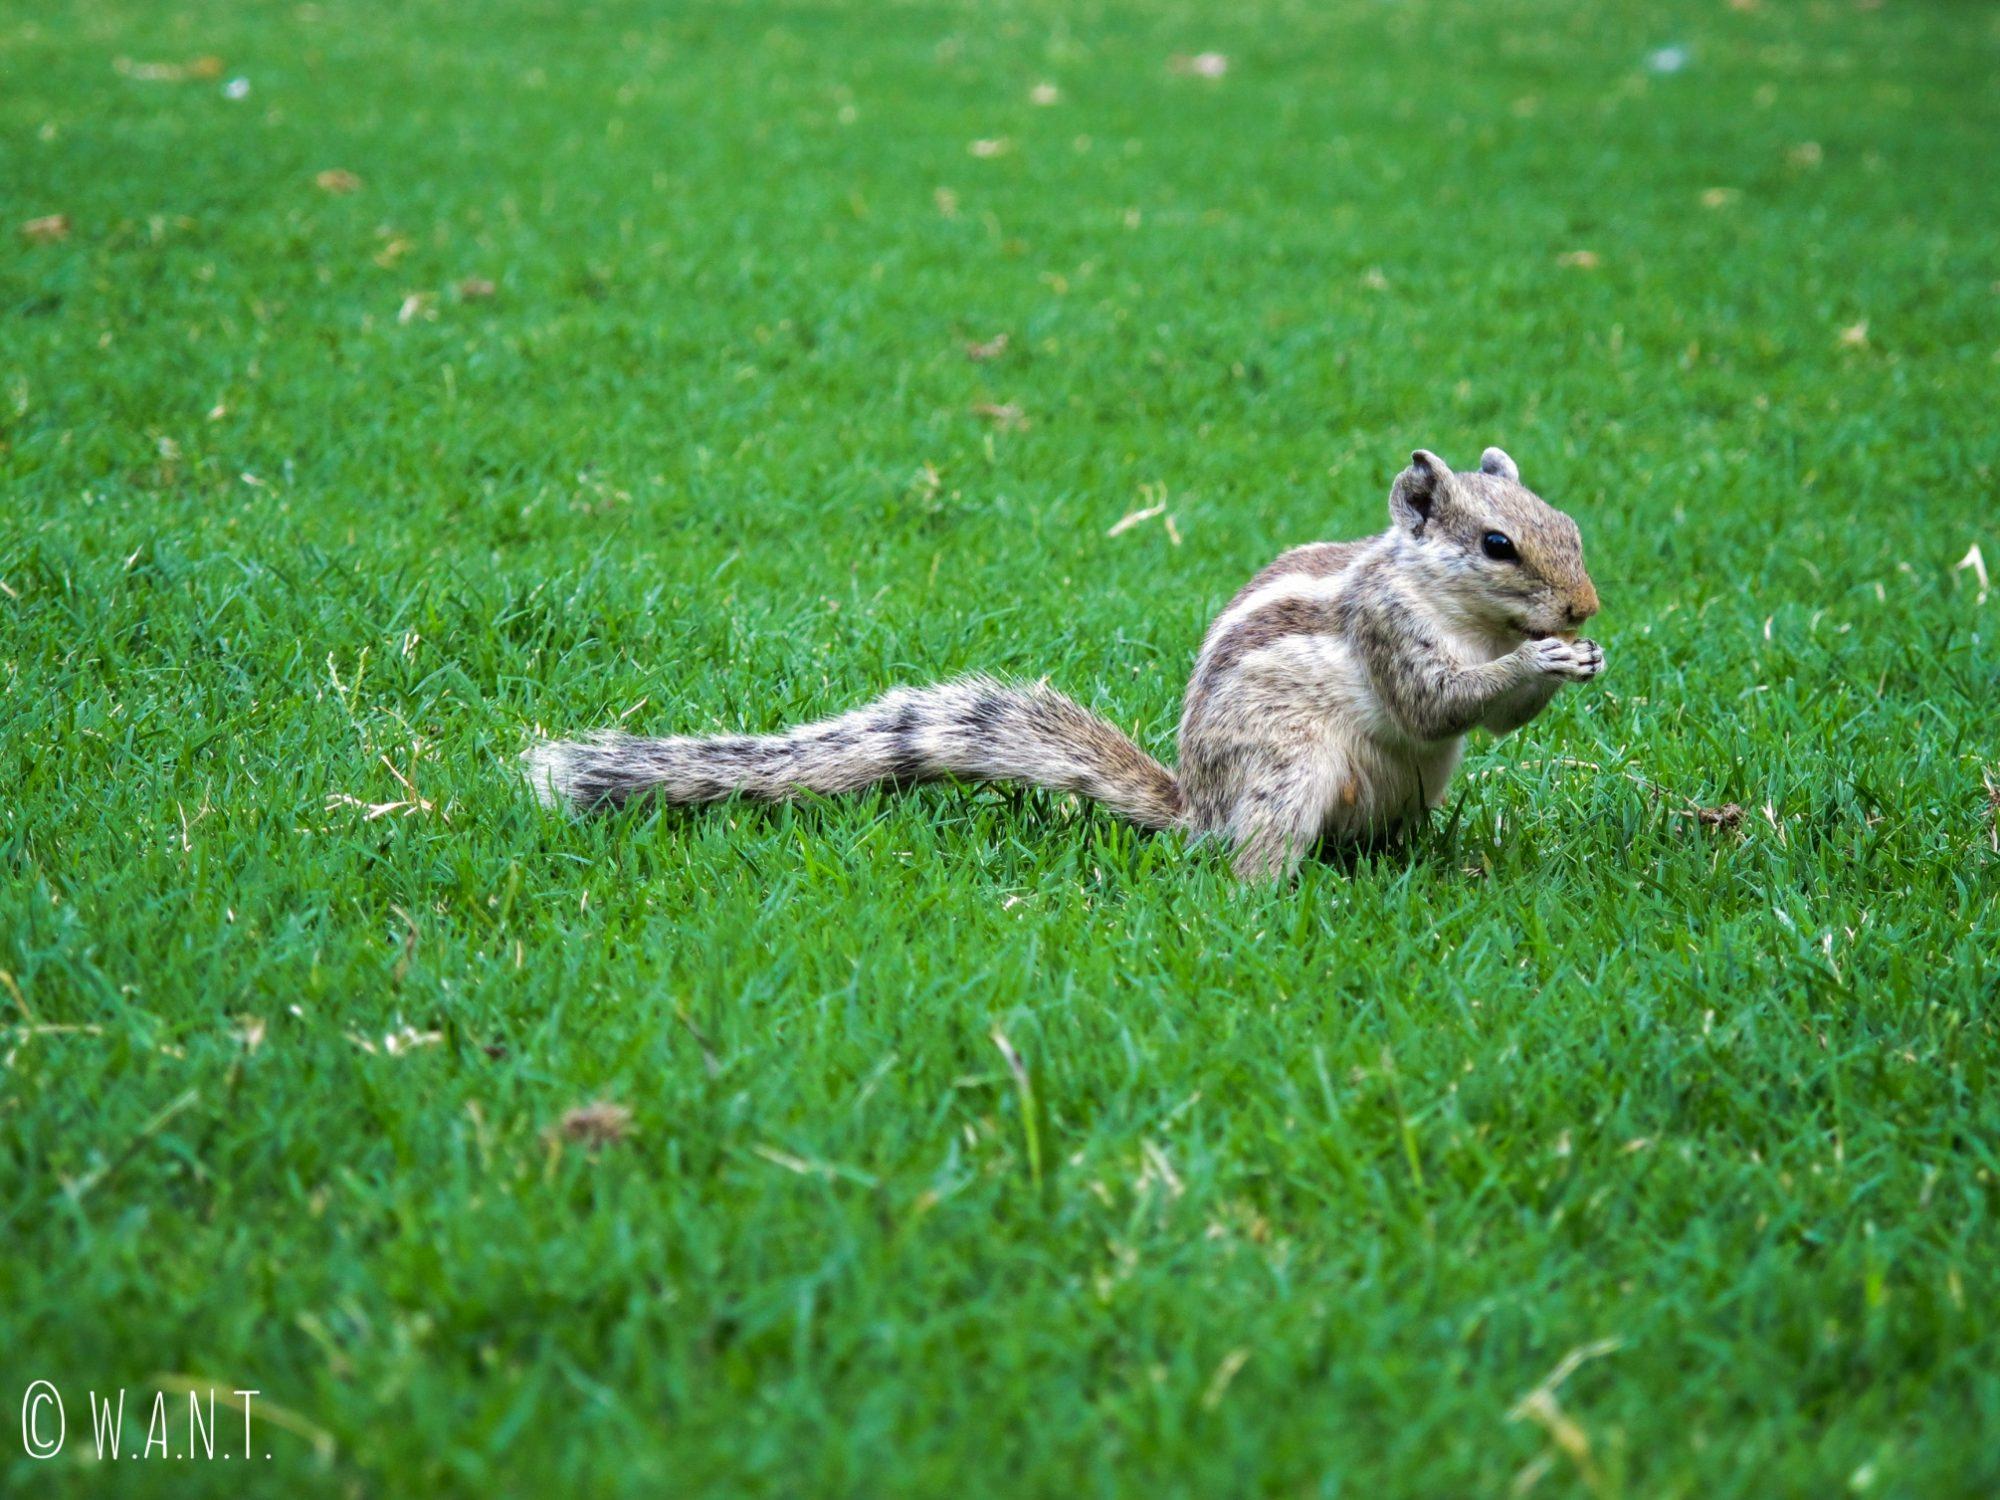 Les écureuils sont légion dans les jardins de Chokelao